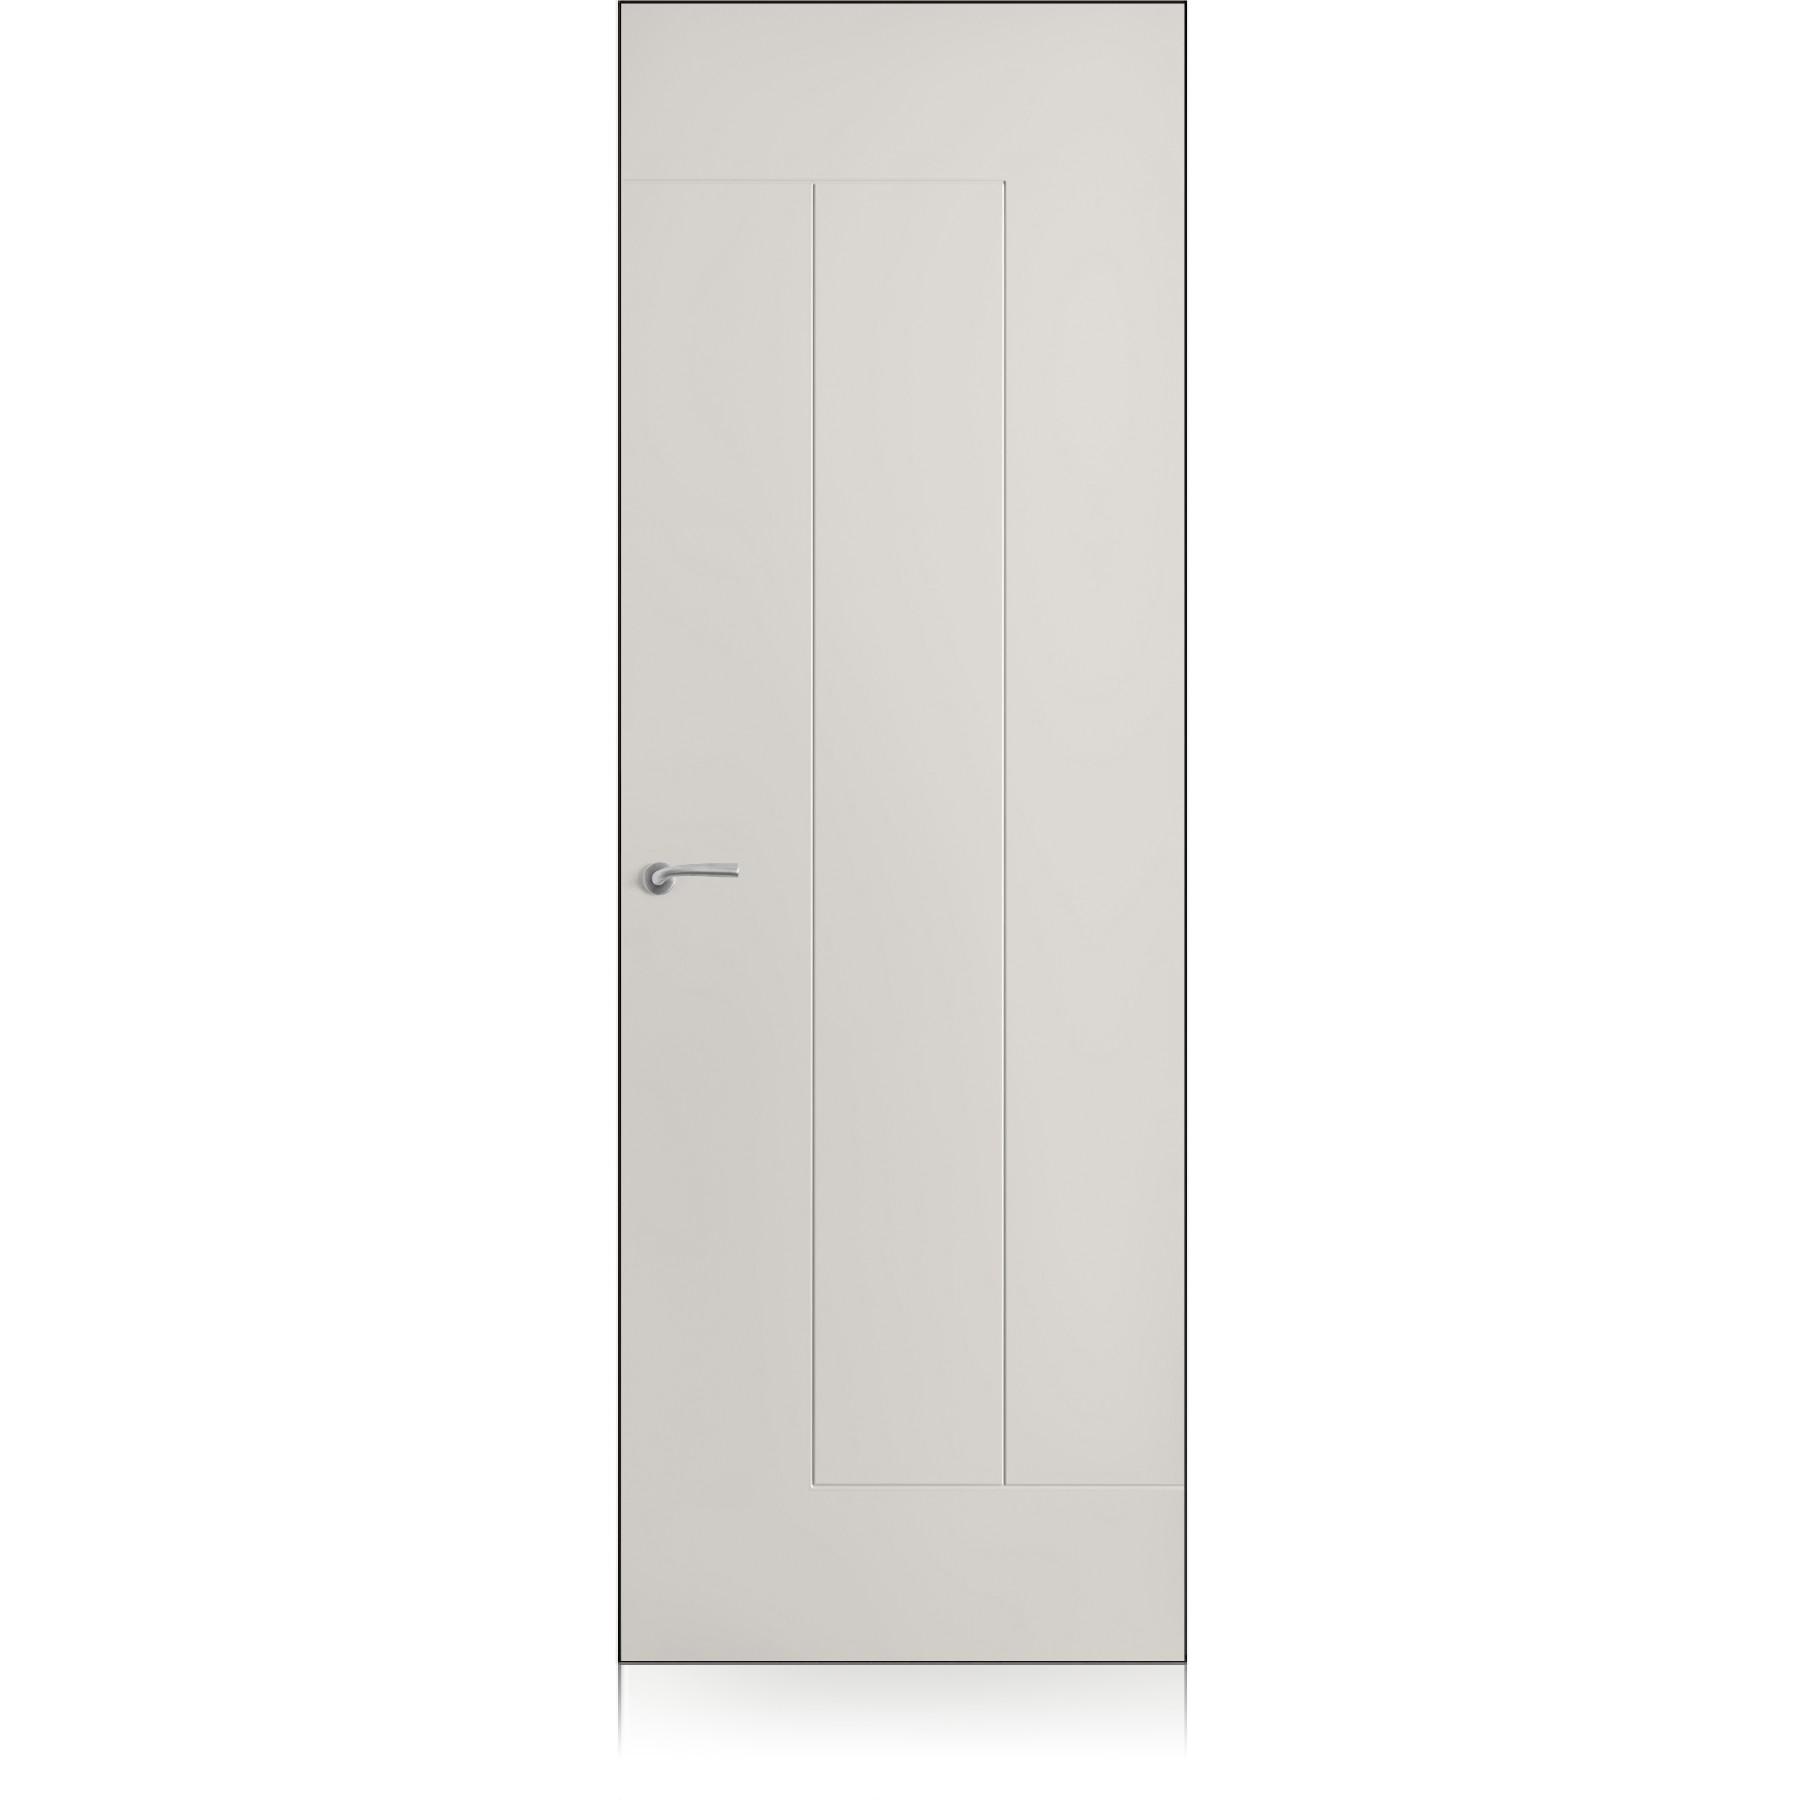 Porta Yncisa/8 Zero grigio lux